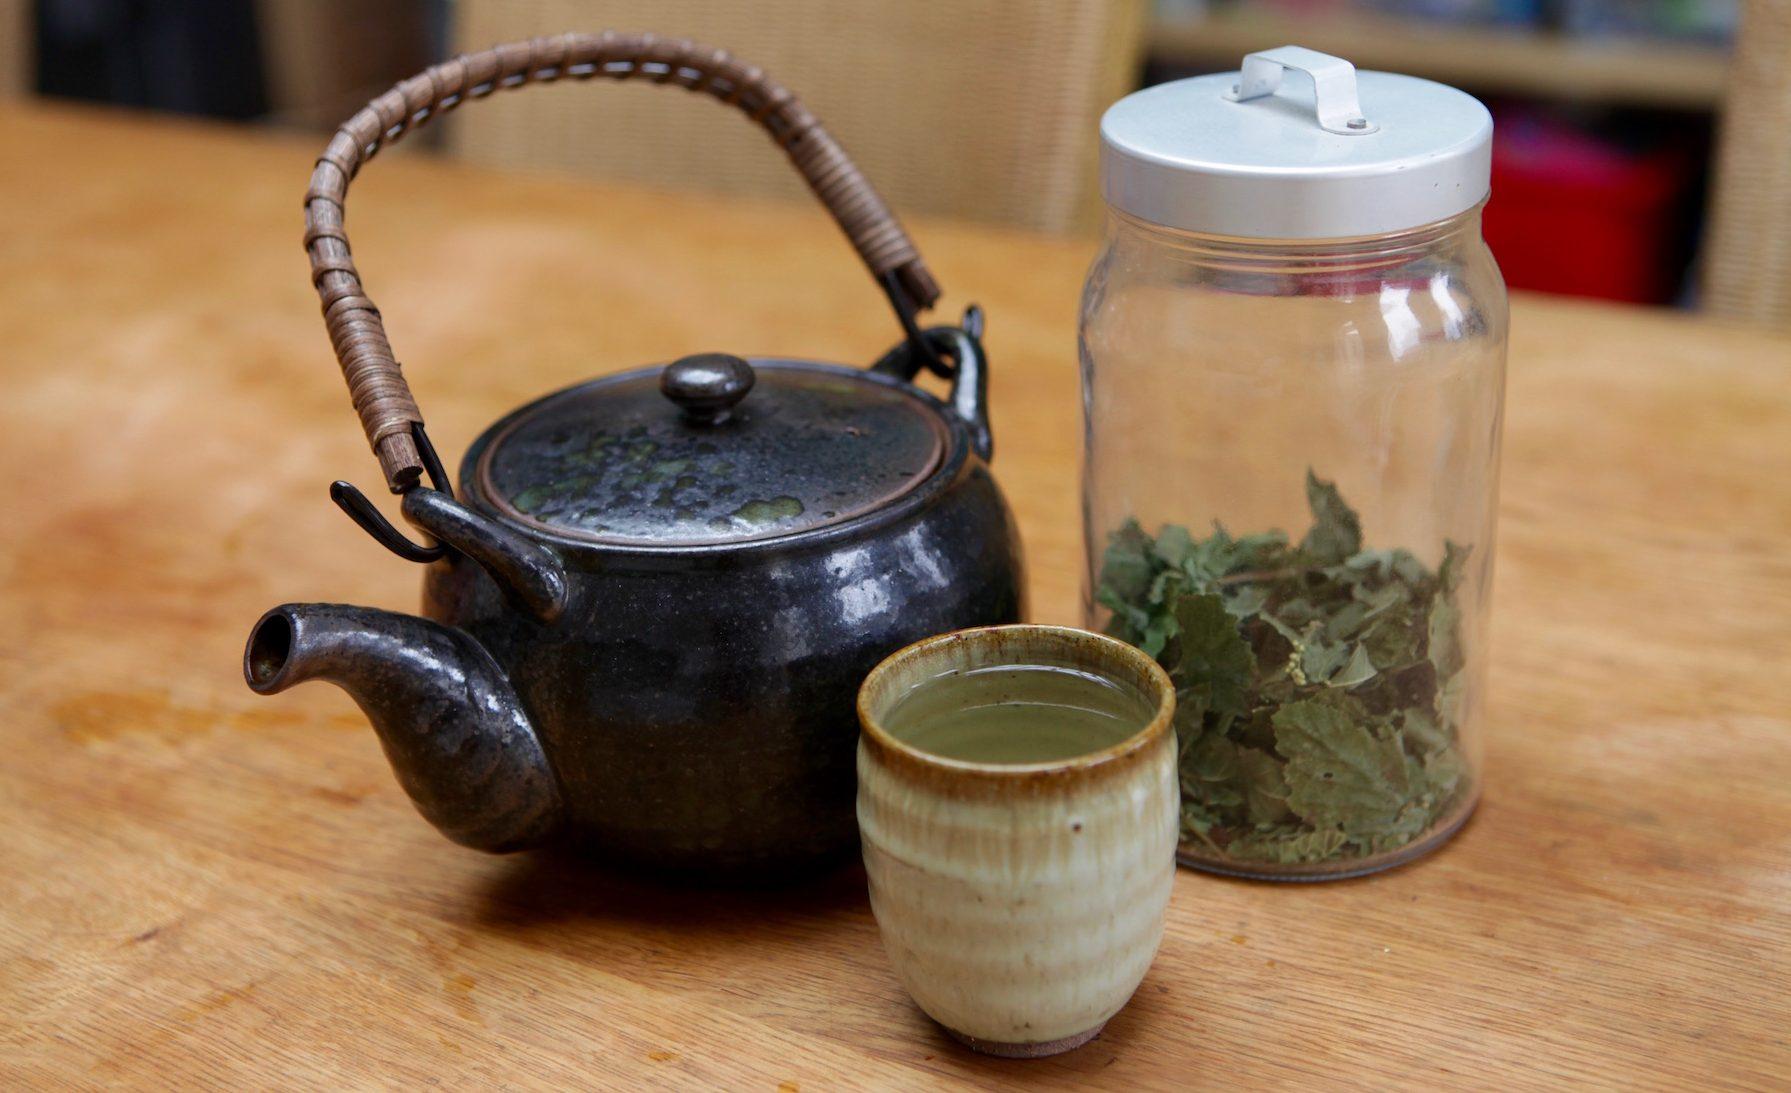 Le thé des centenaires, ou comment rester jeune en buvant de la tisane